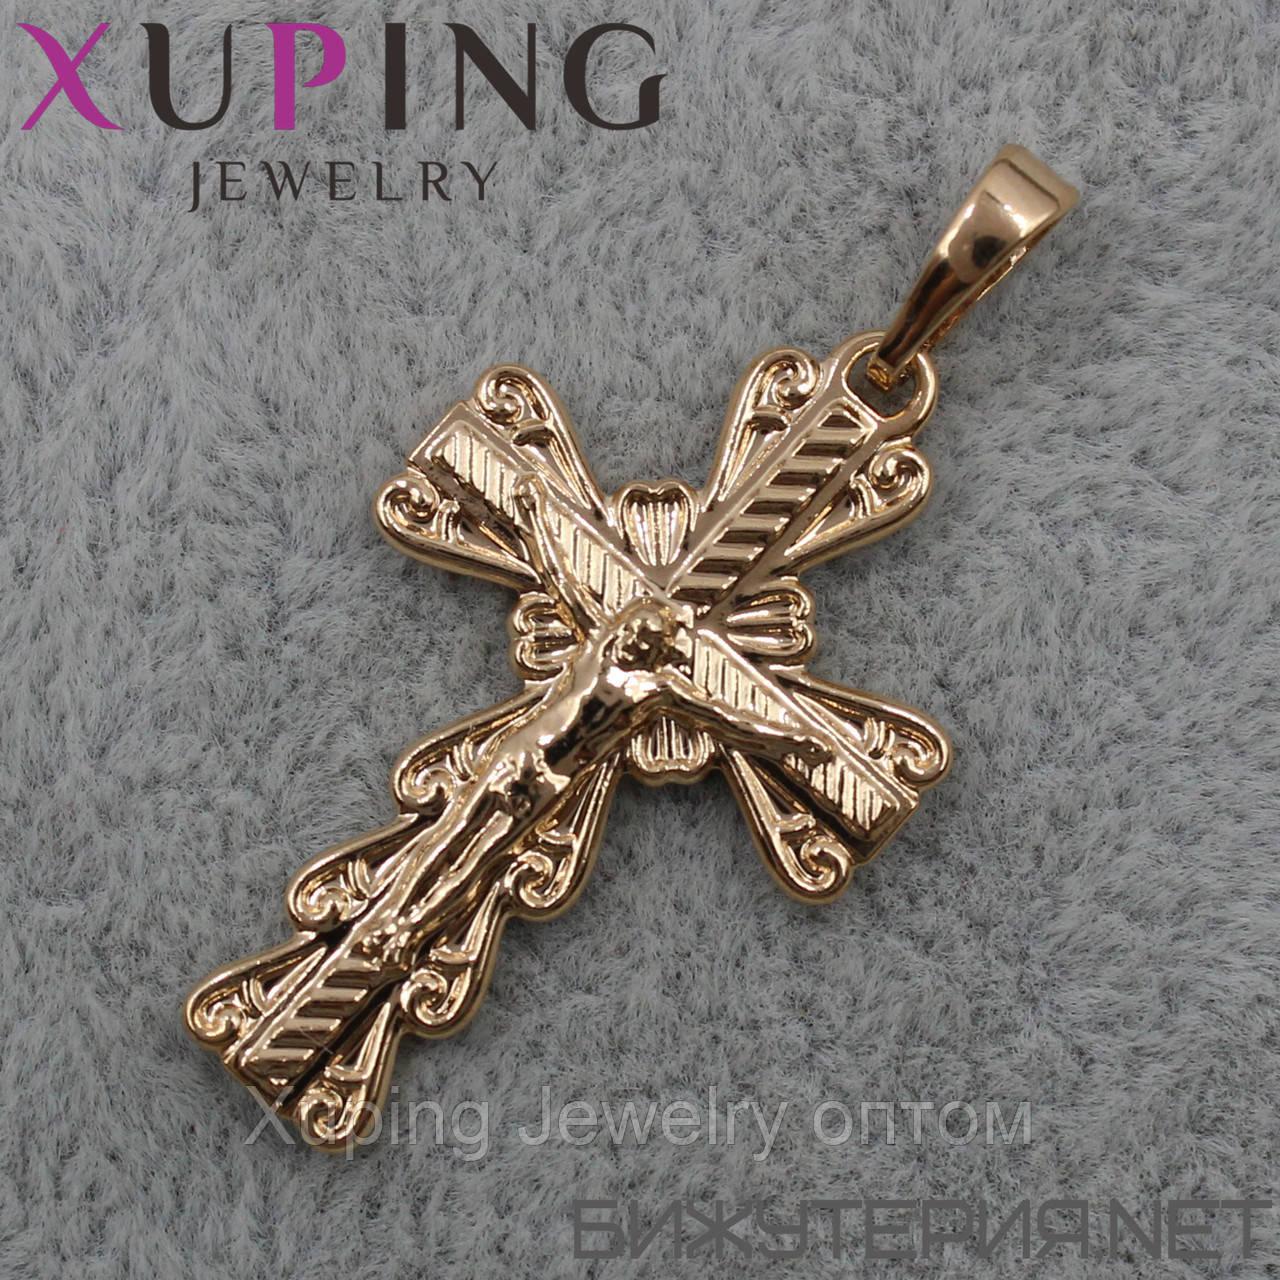 Крестик Xuping медицинское золото 18K Gold - 1020458149